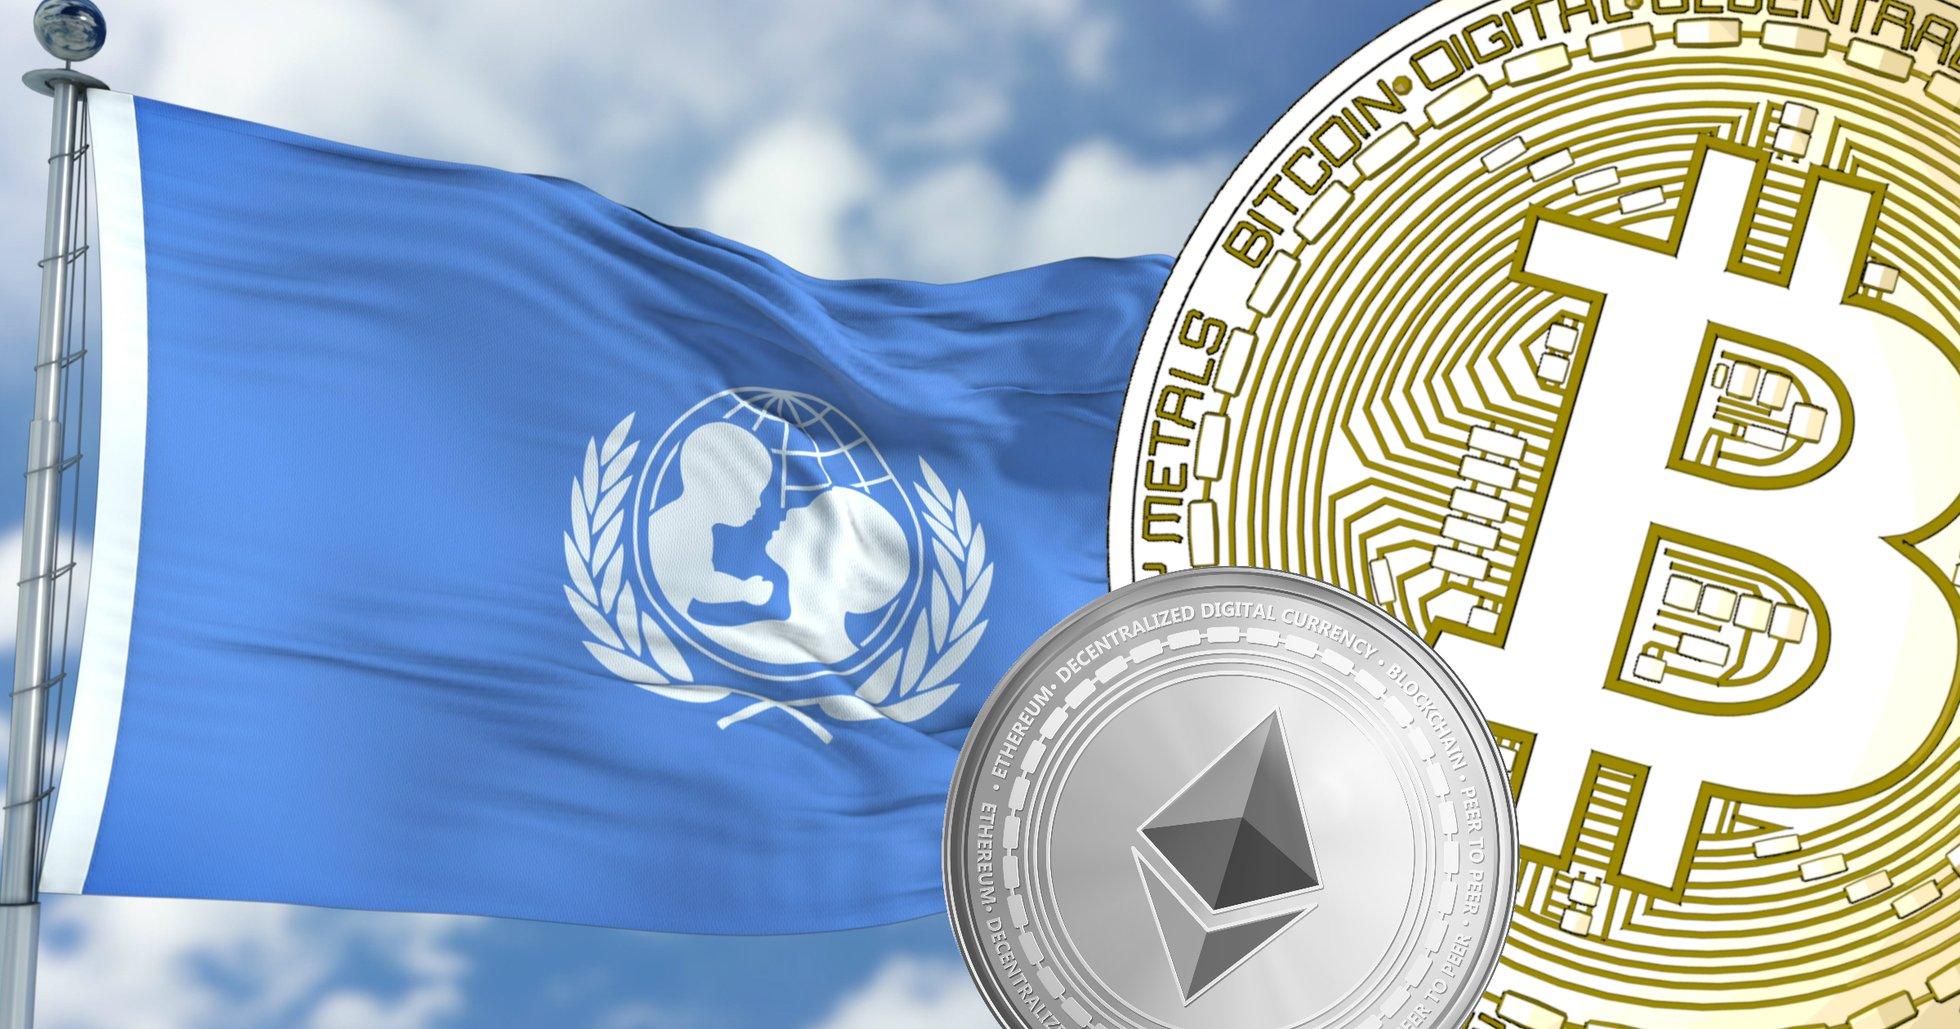 Unicef lanserar kryptofond – kan nu ta emot donationer i bitcoin och ethereum.